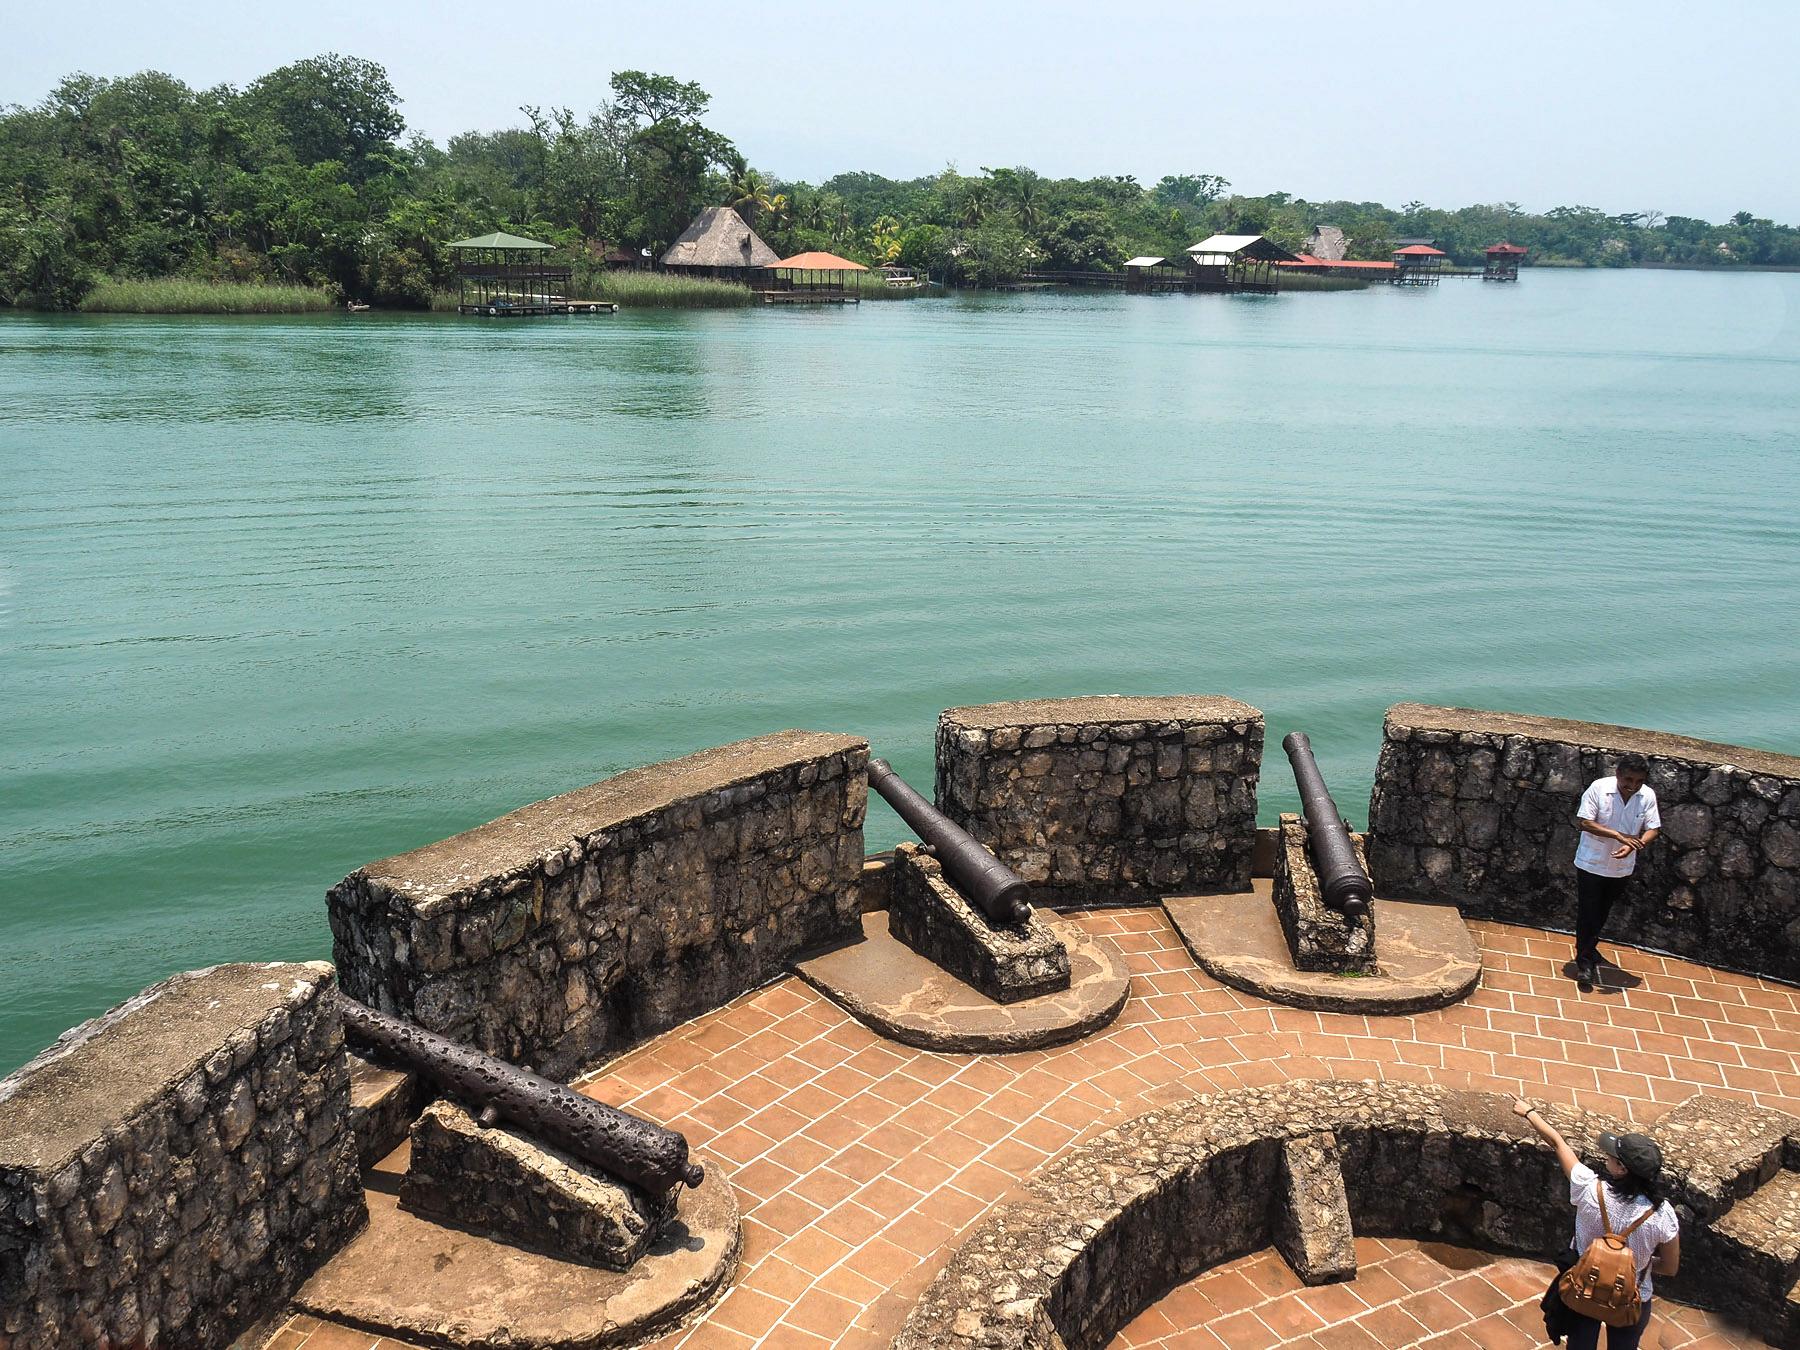 Fort San Felipe hatte die Kontrolle über die Einfahrt zum See